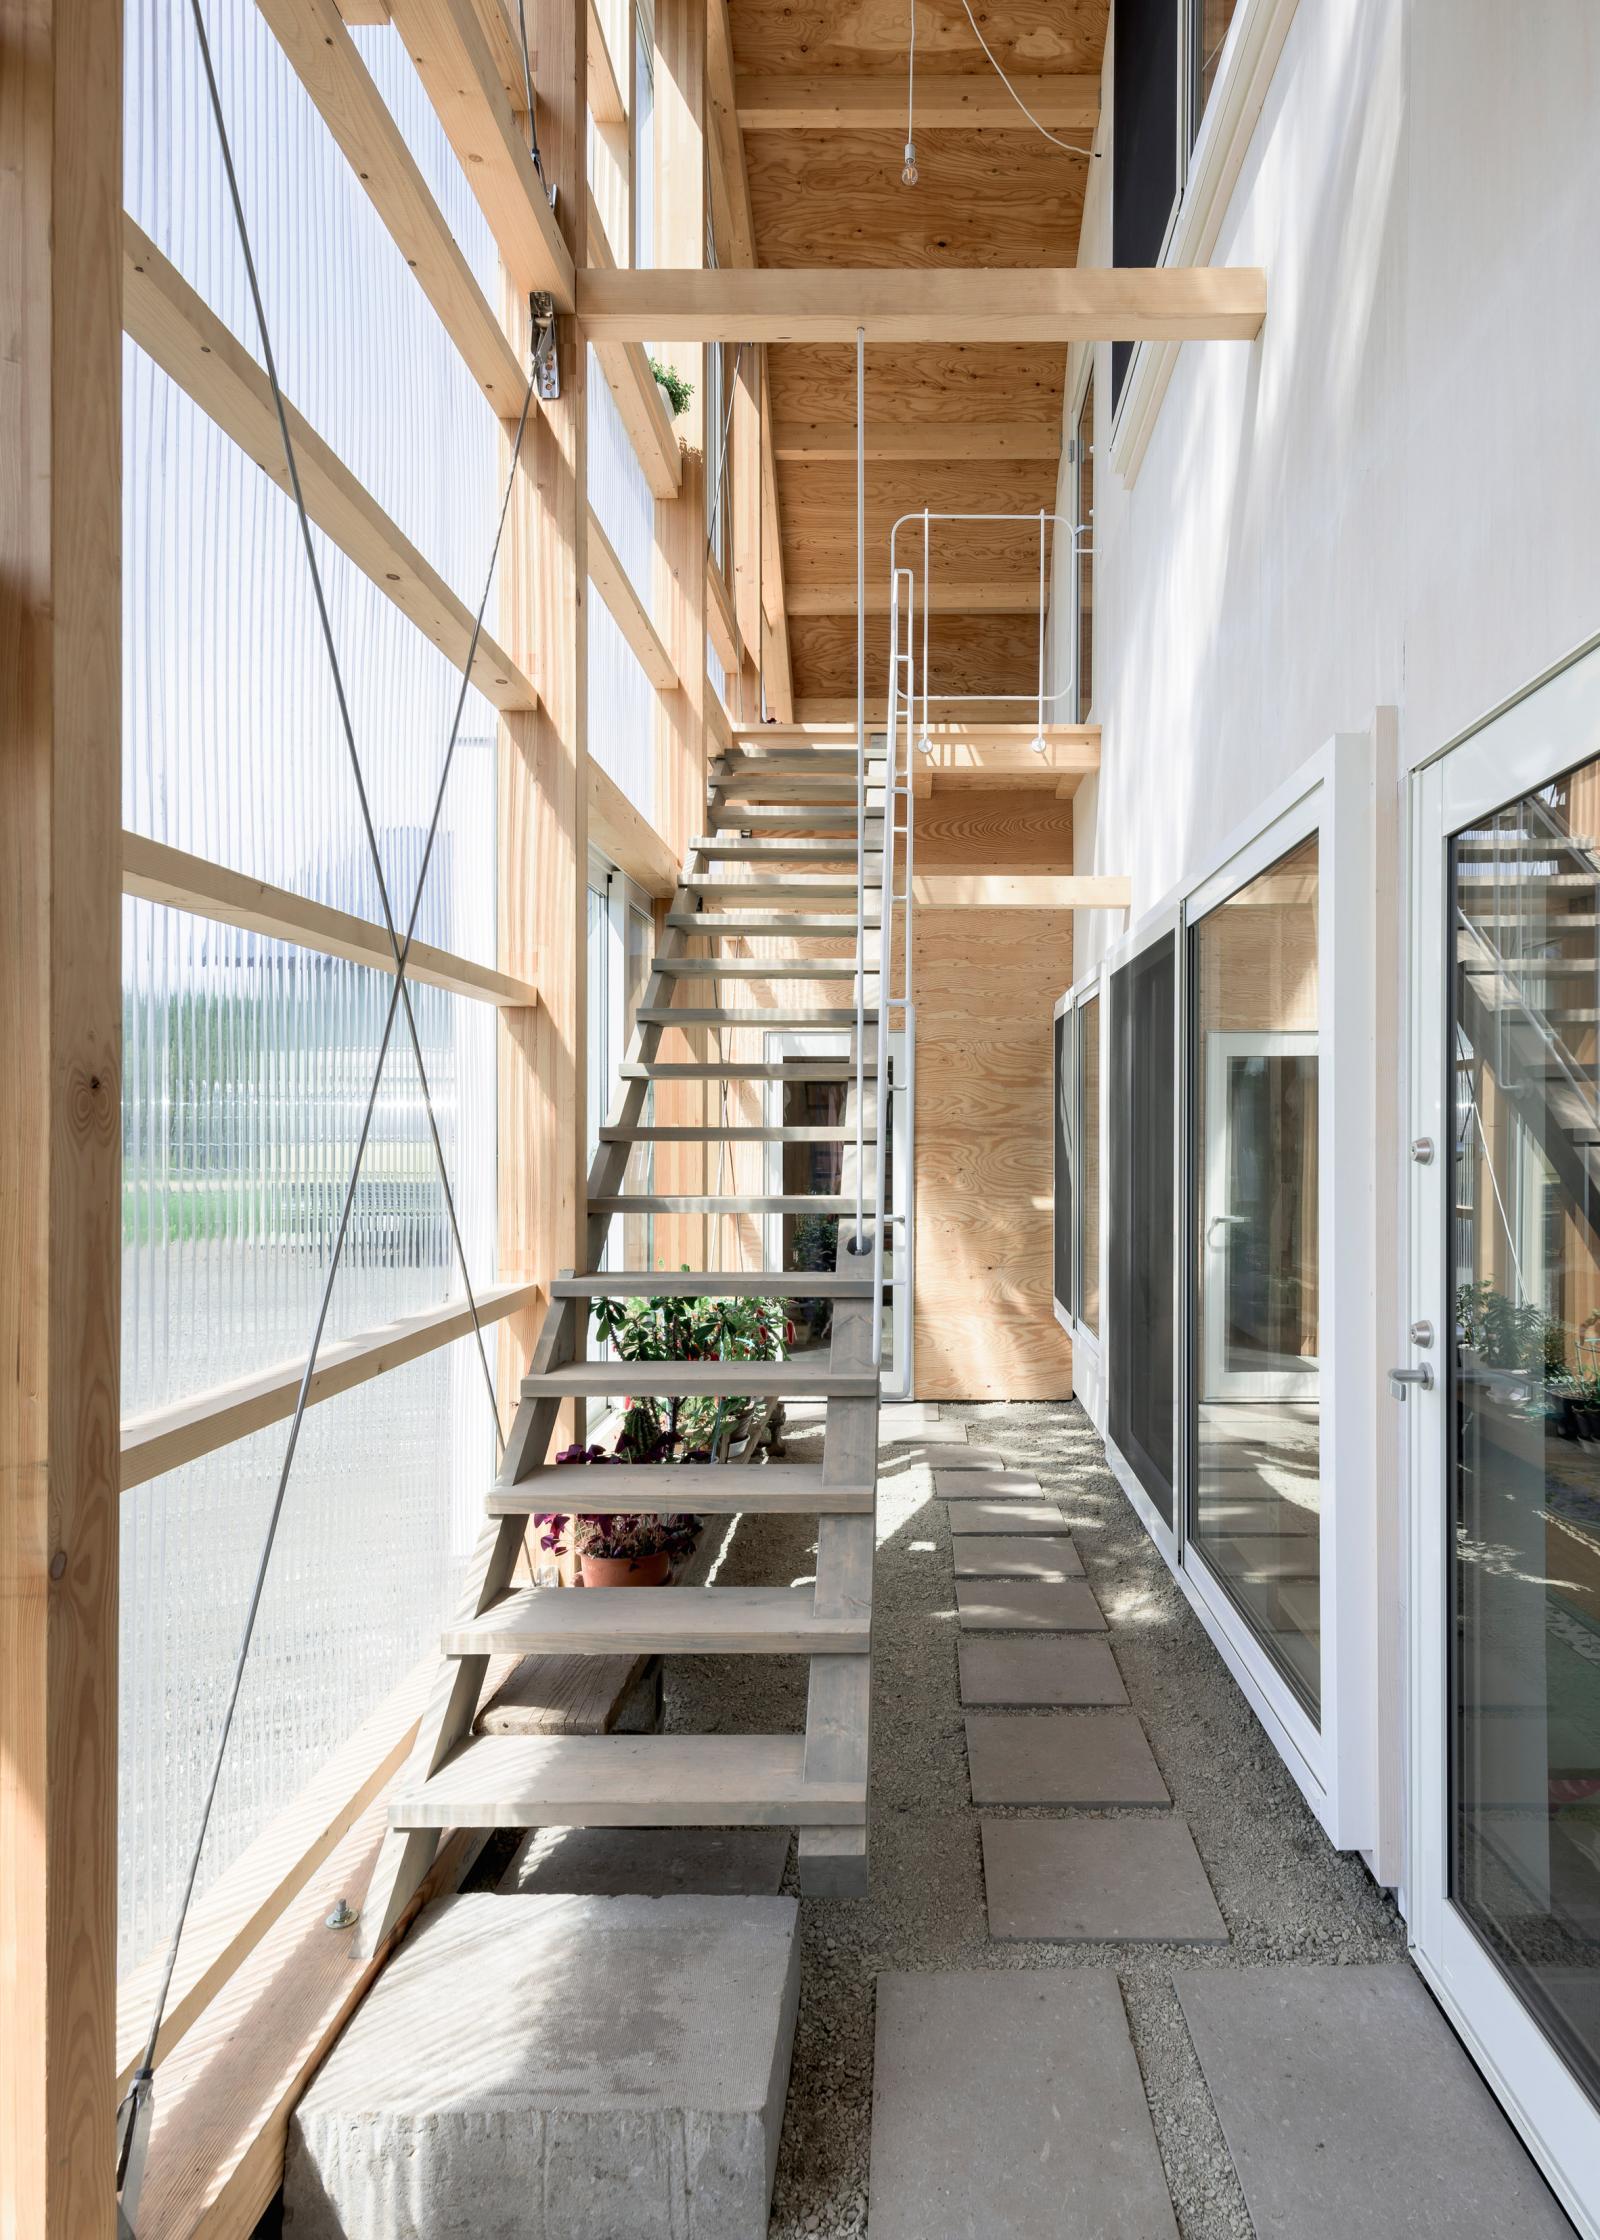 Hình ảnh cận cảnh cầu thang nhỏ bậc hở thông thoáng, xung quanh là các cấu trúc gỗ màu sáng.